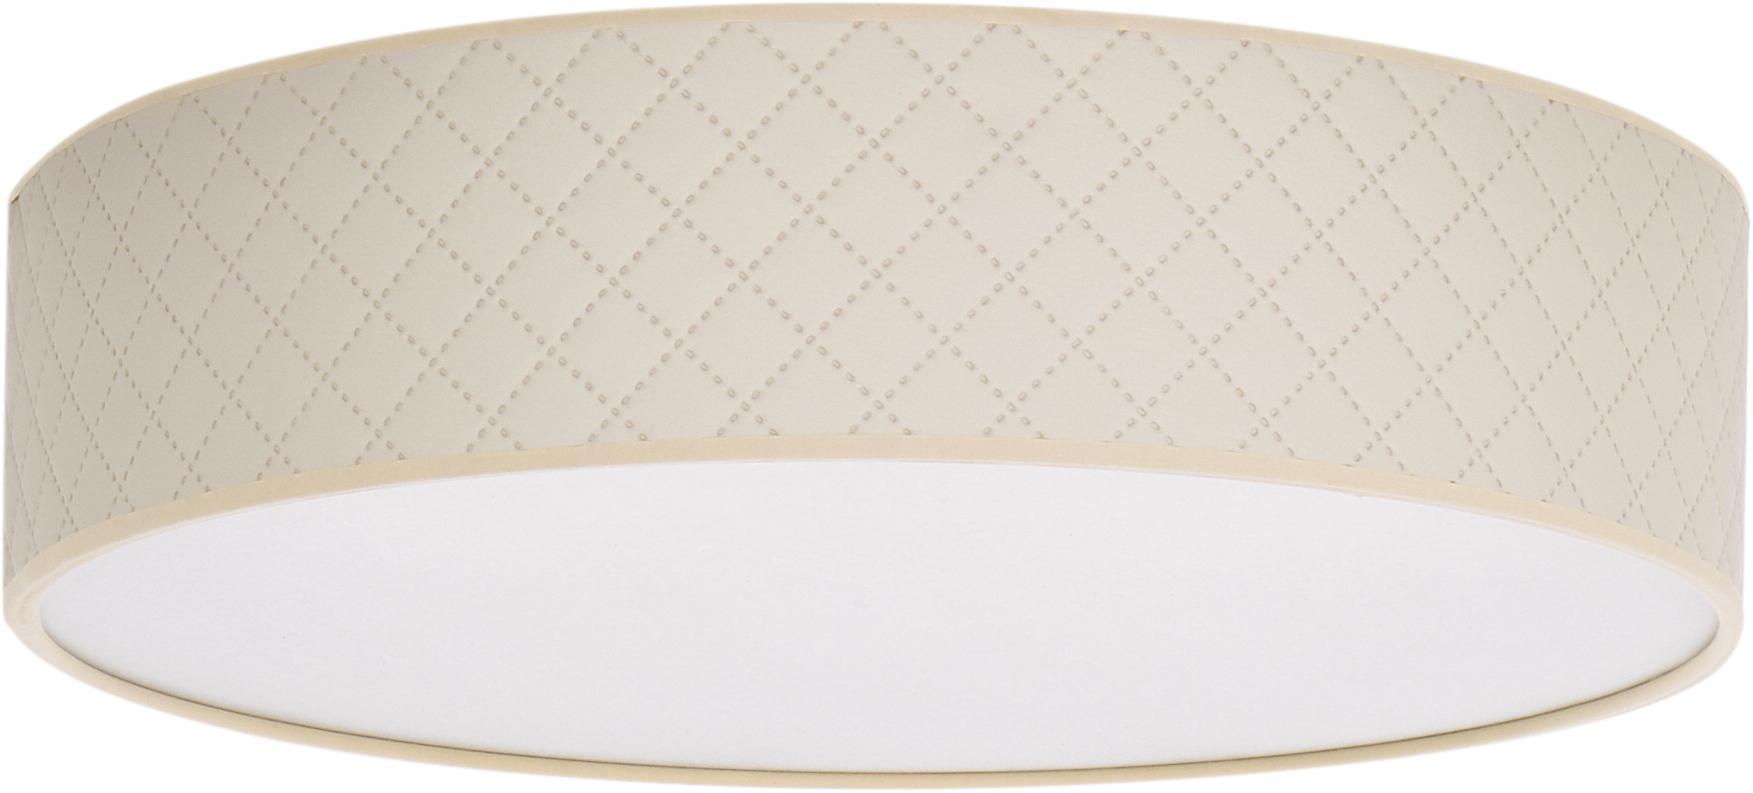 Plafón de cuero Trece, Pantalla: cuero, Crema, Ø 40 x Al 11 cm